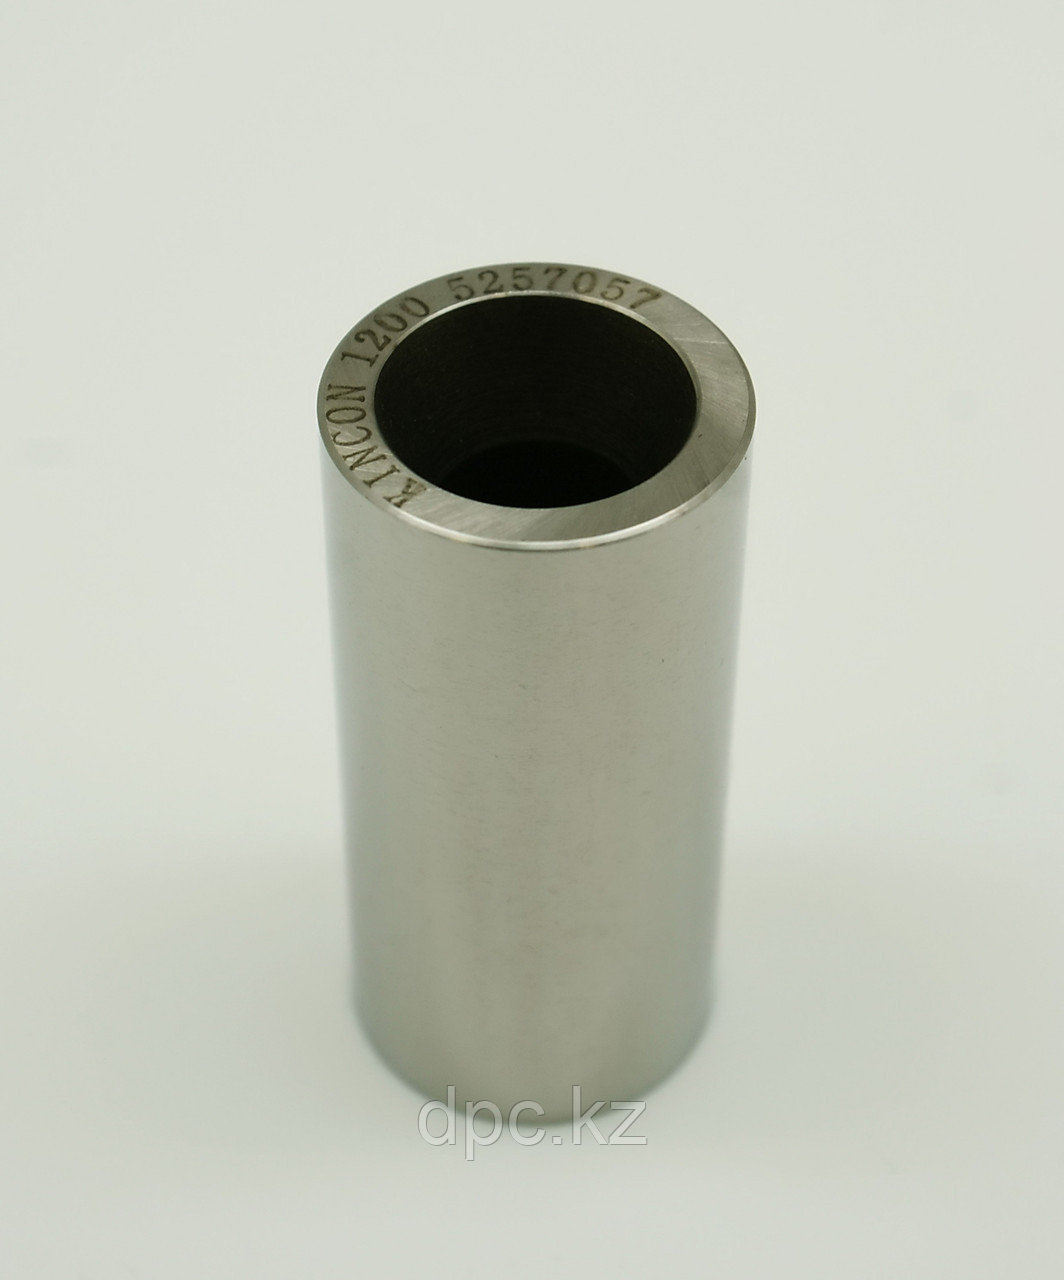 Палец поршневой Cummins ISF 2.8L 5257057 5477660  для автомобиля Газель-Бизнес/Next